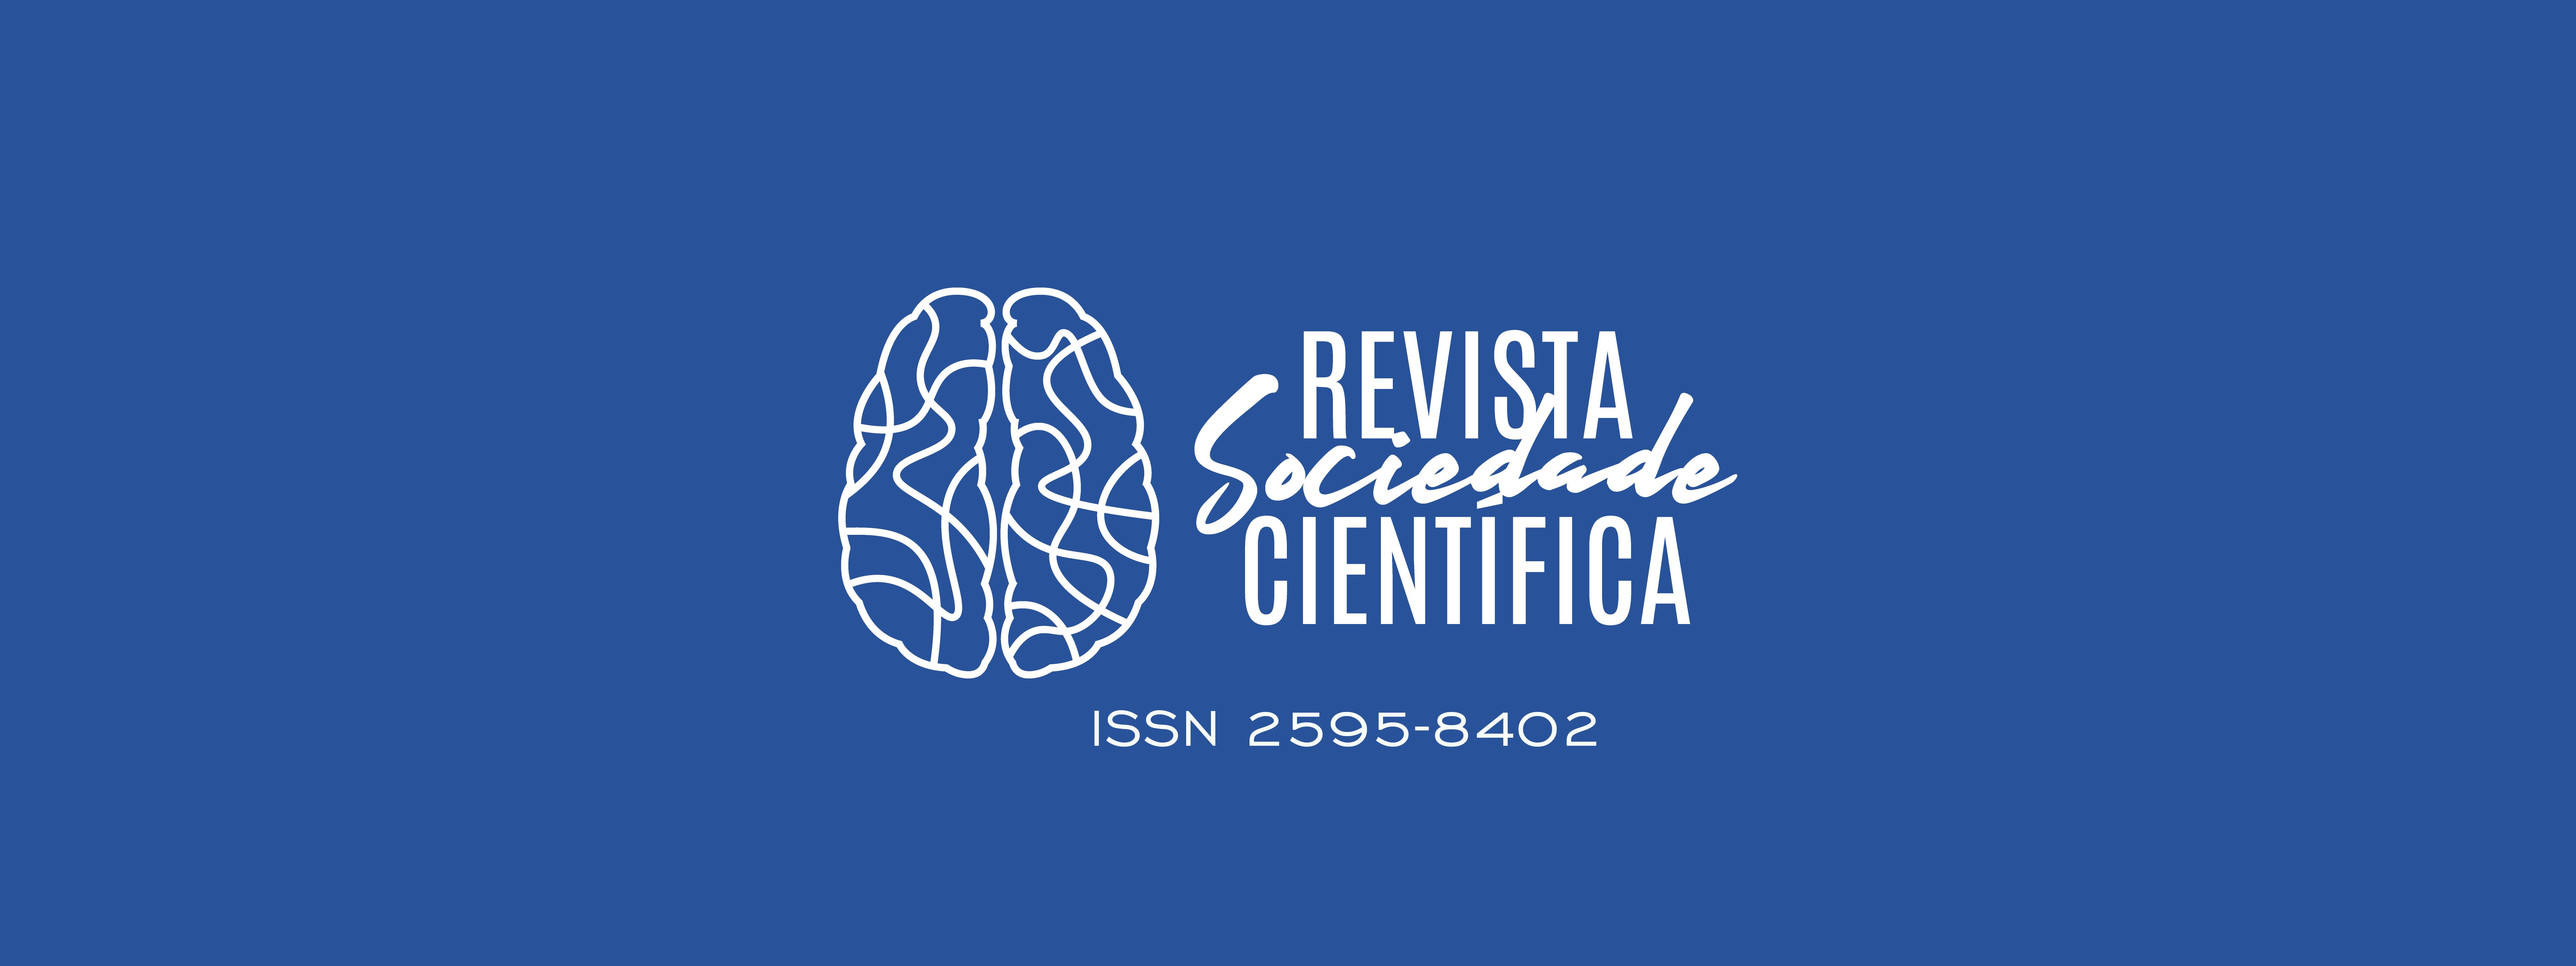 Revista Sociedade Científica – Edição 2021